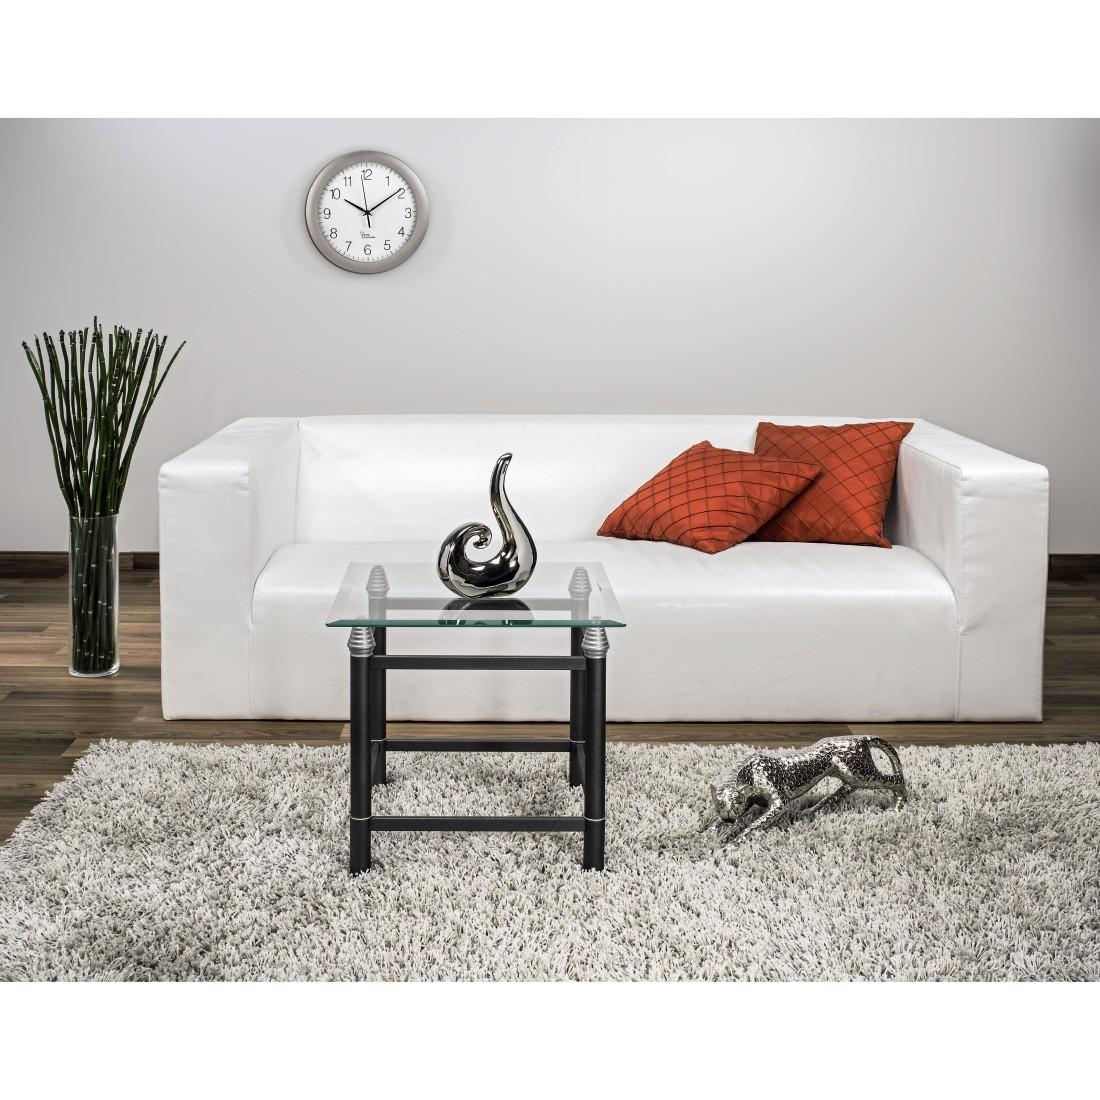 hama funk wanduhr pg 300 digital automatische zeitanpassung automatische. Black Bedroom Furniture Sets. Home Design Ideas